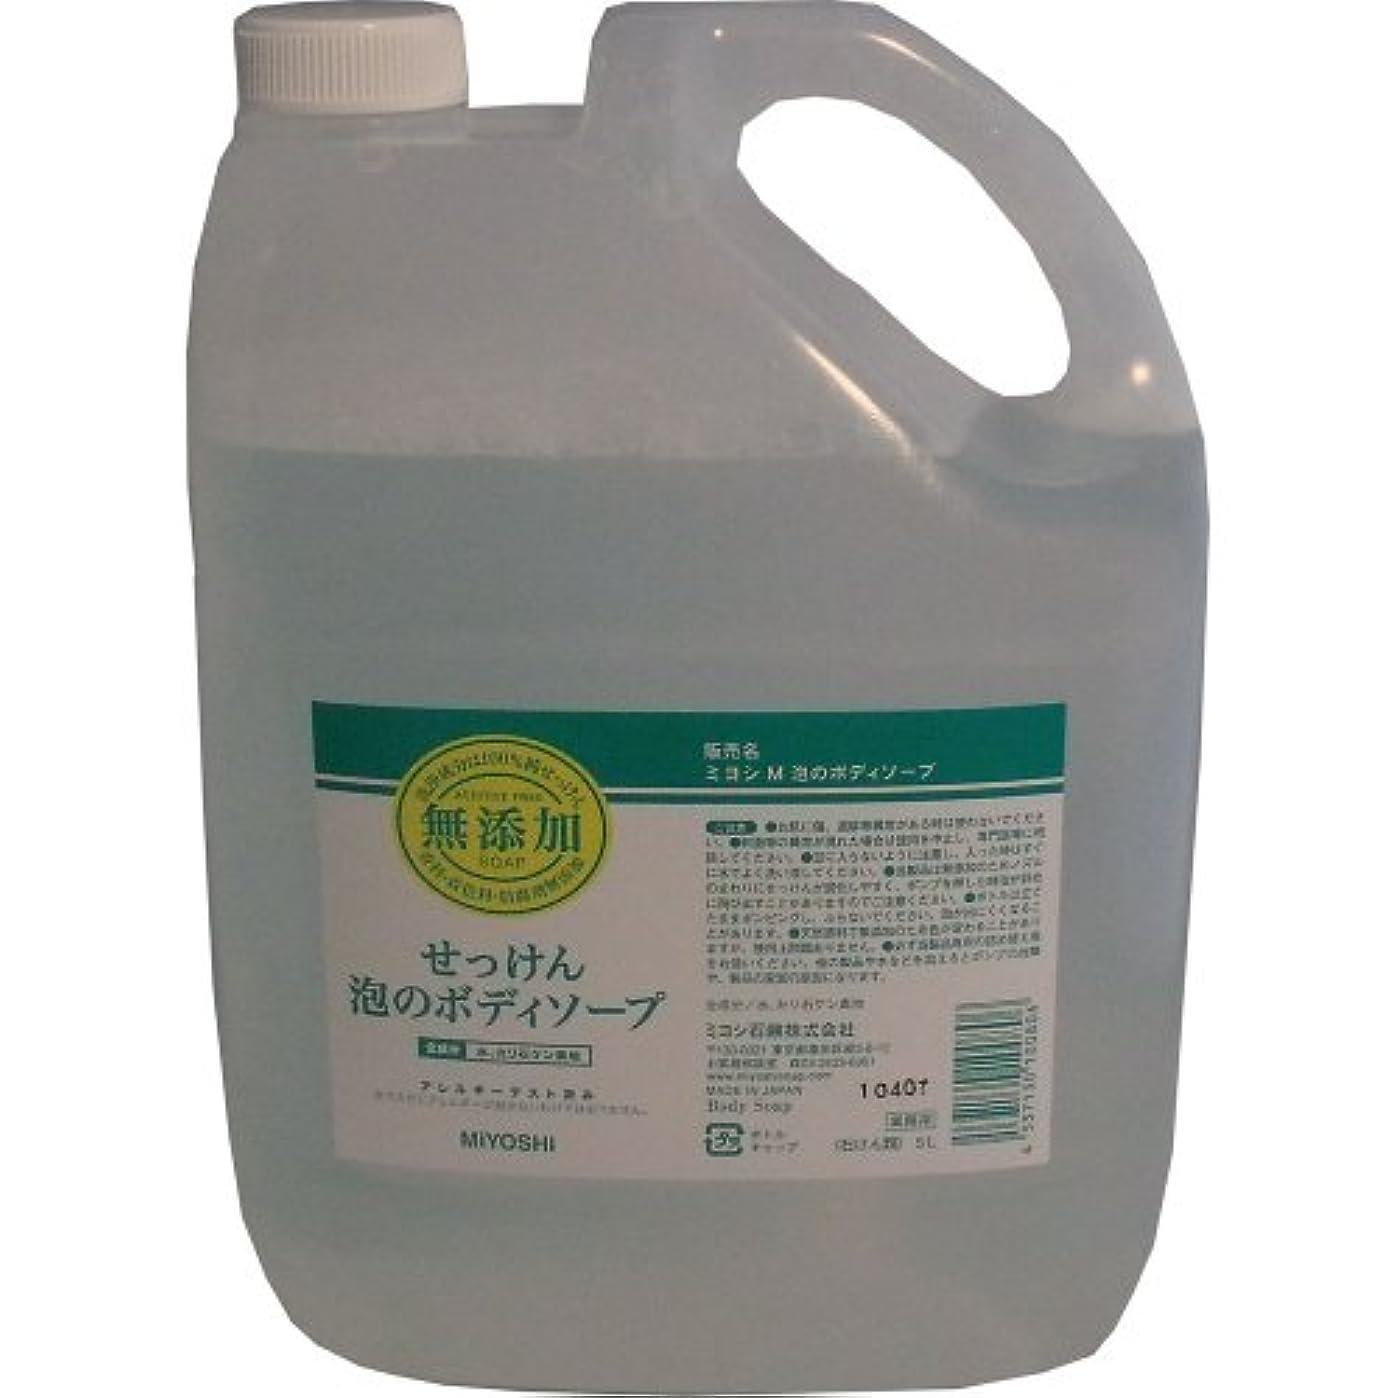 パーセントなめる保存するミヨシ石鹸 業務用 無添加せっけん 泡のボディソープ 詰め替え用 5Lサイズ×4点セット